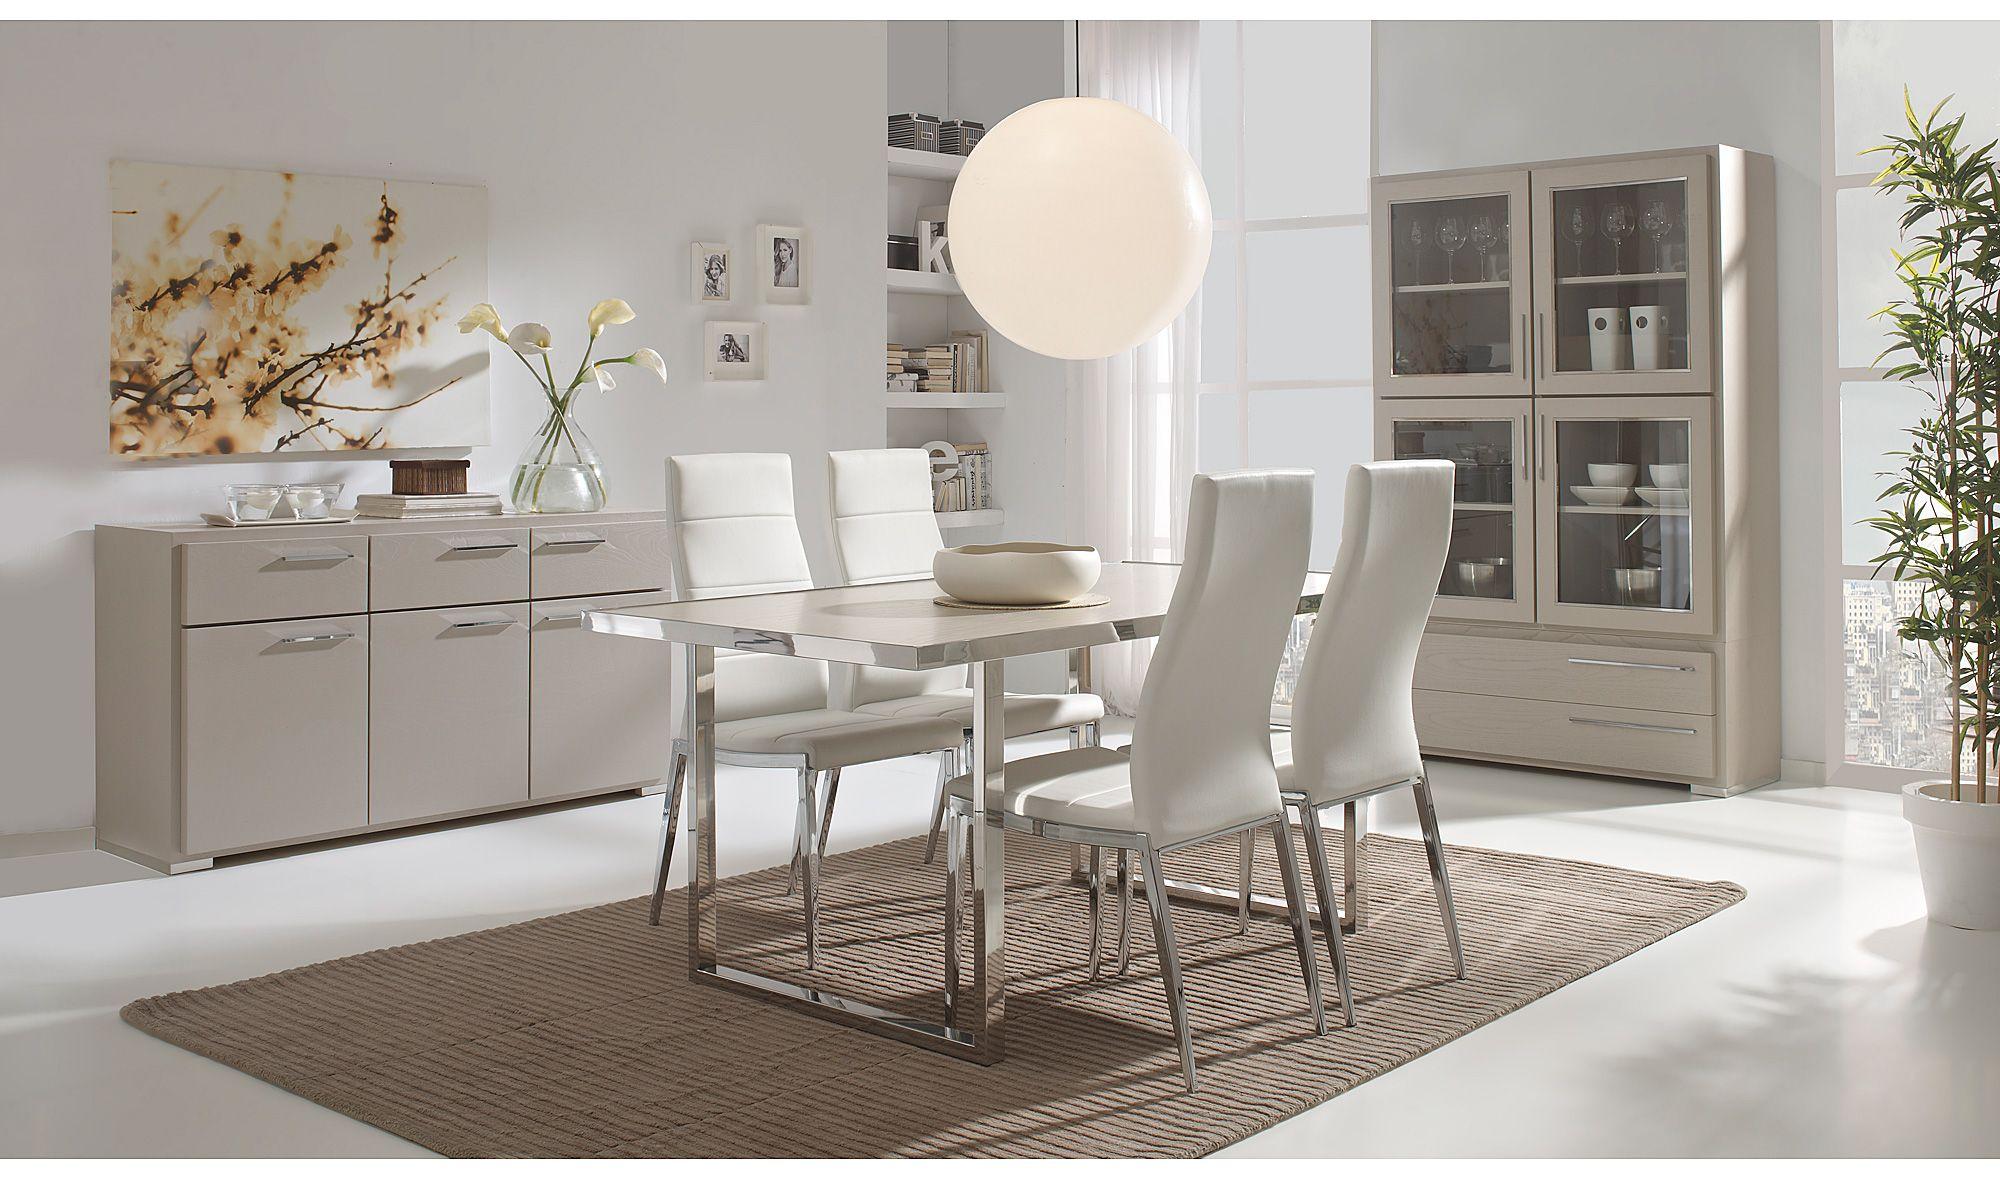 Comedor moderno Volga | Mueble Salón | Comedores, Muebles salon y ...